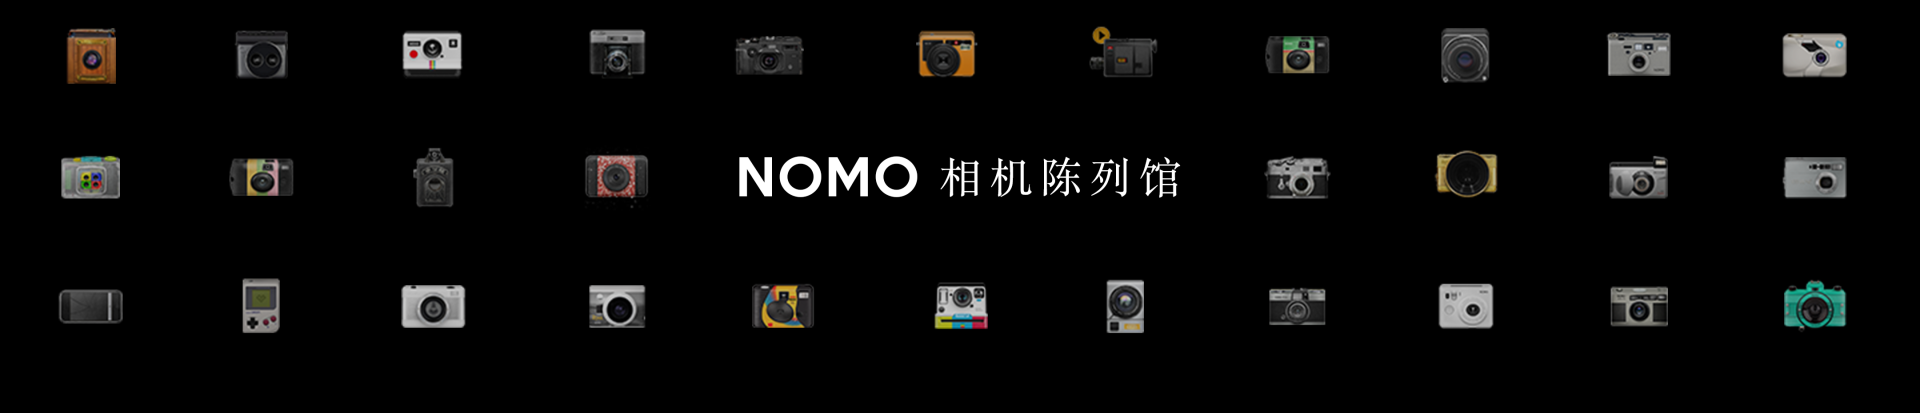 「NOMO 相机陈列馆」